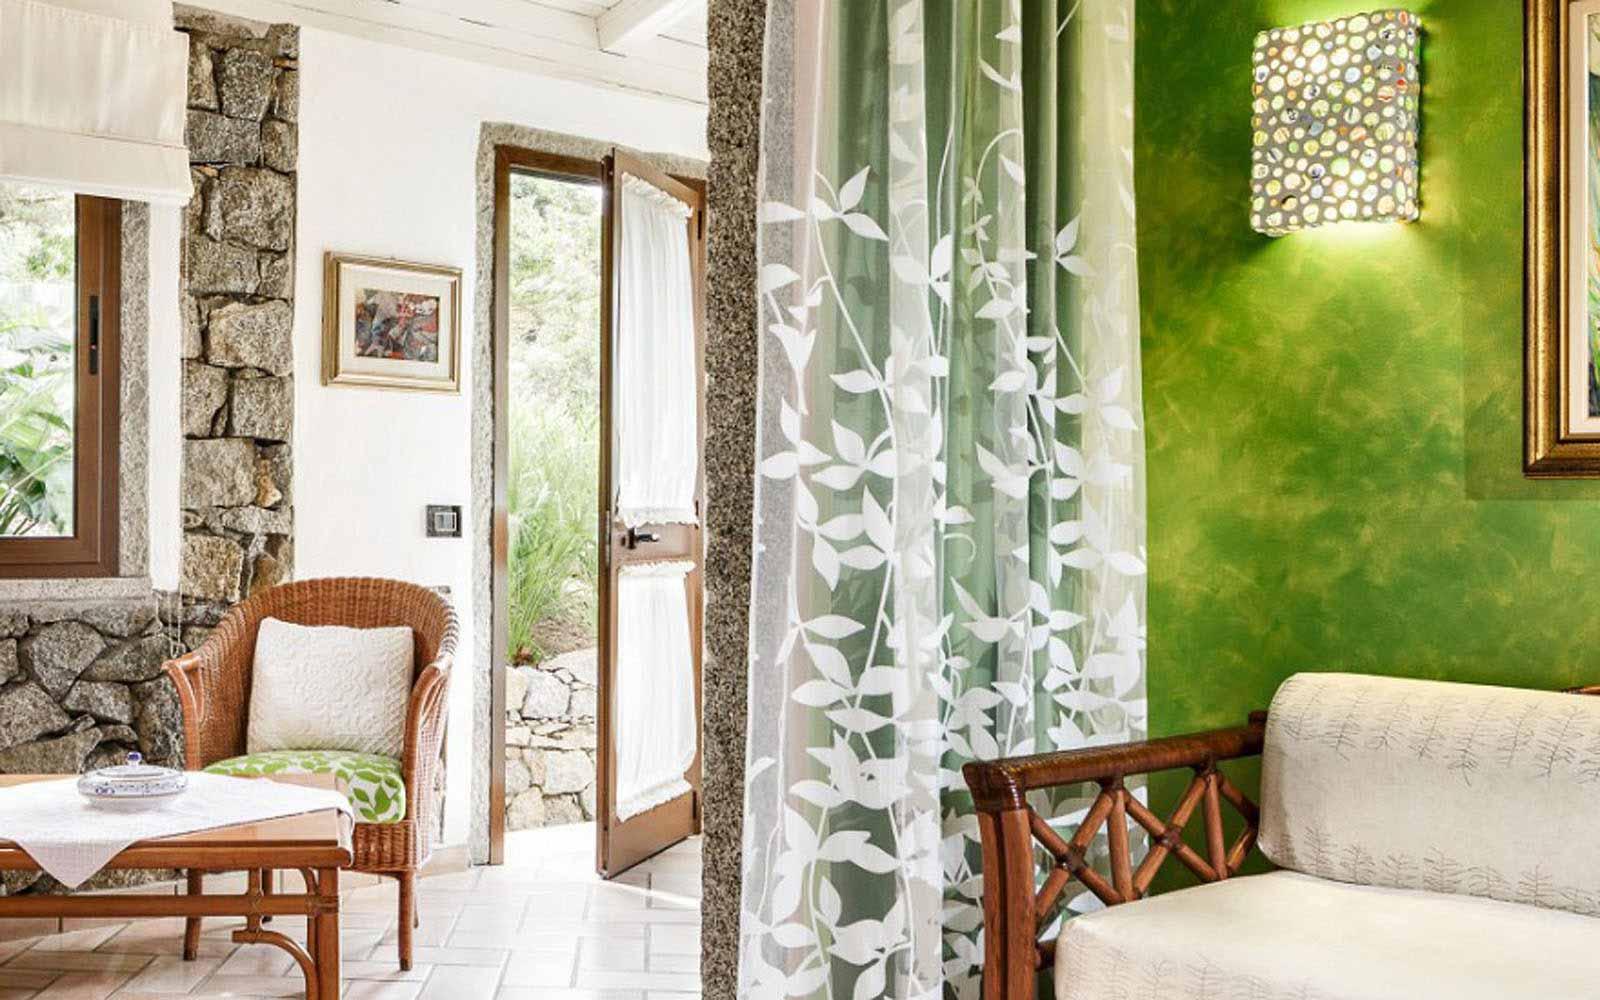 Junior Suite at Hotel Stella Maris